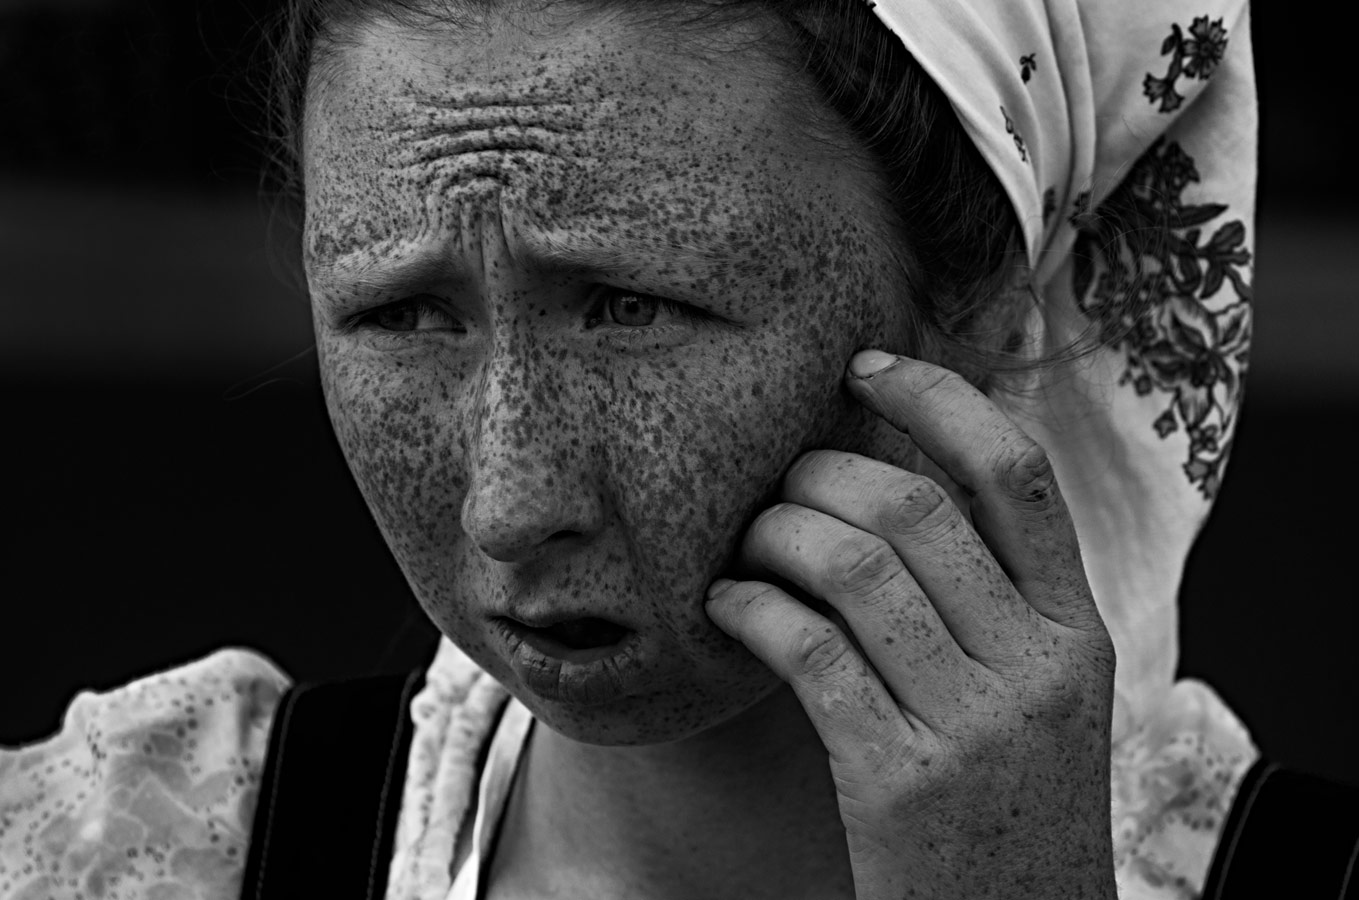 Ева, © Виталий Подгурченко (Углич), 1 место, Фотоконкурс «Русская цивилизация»